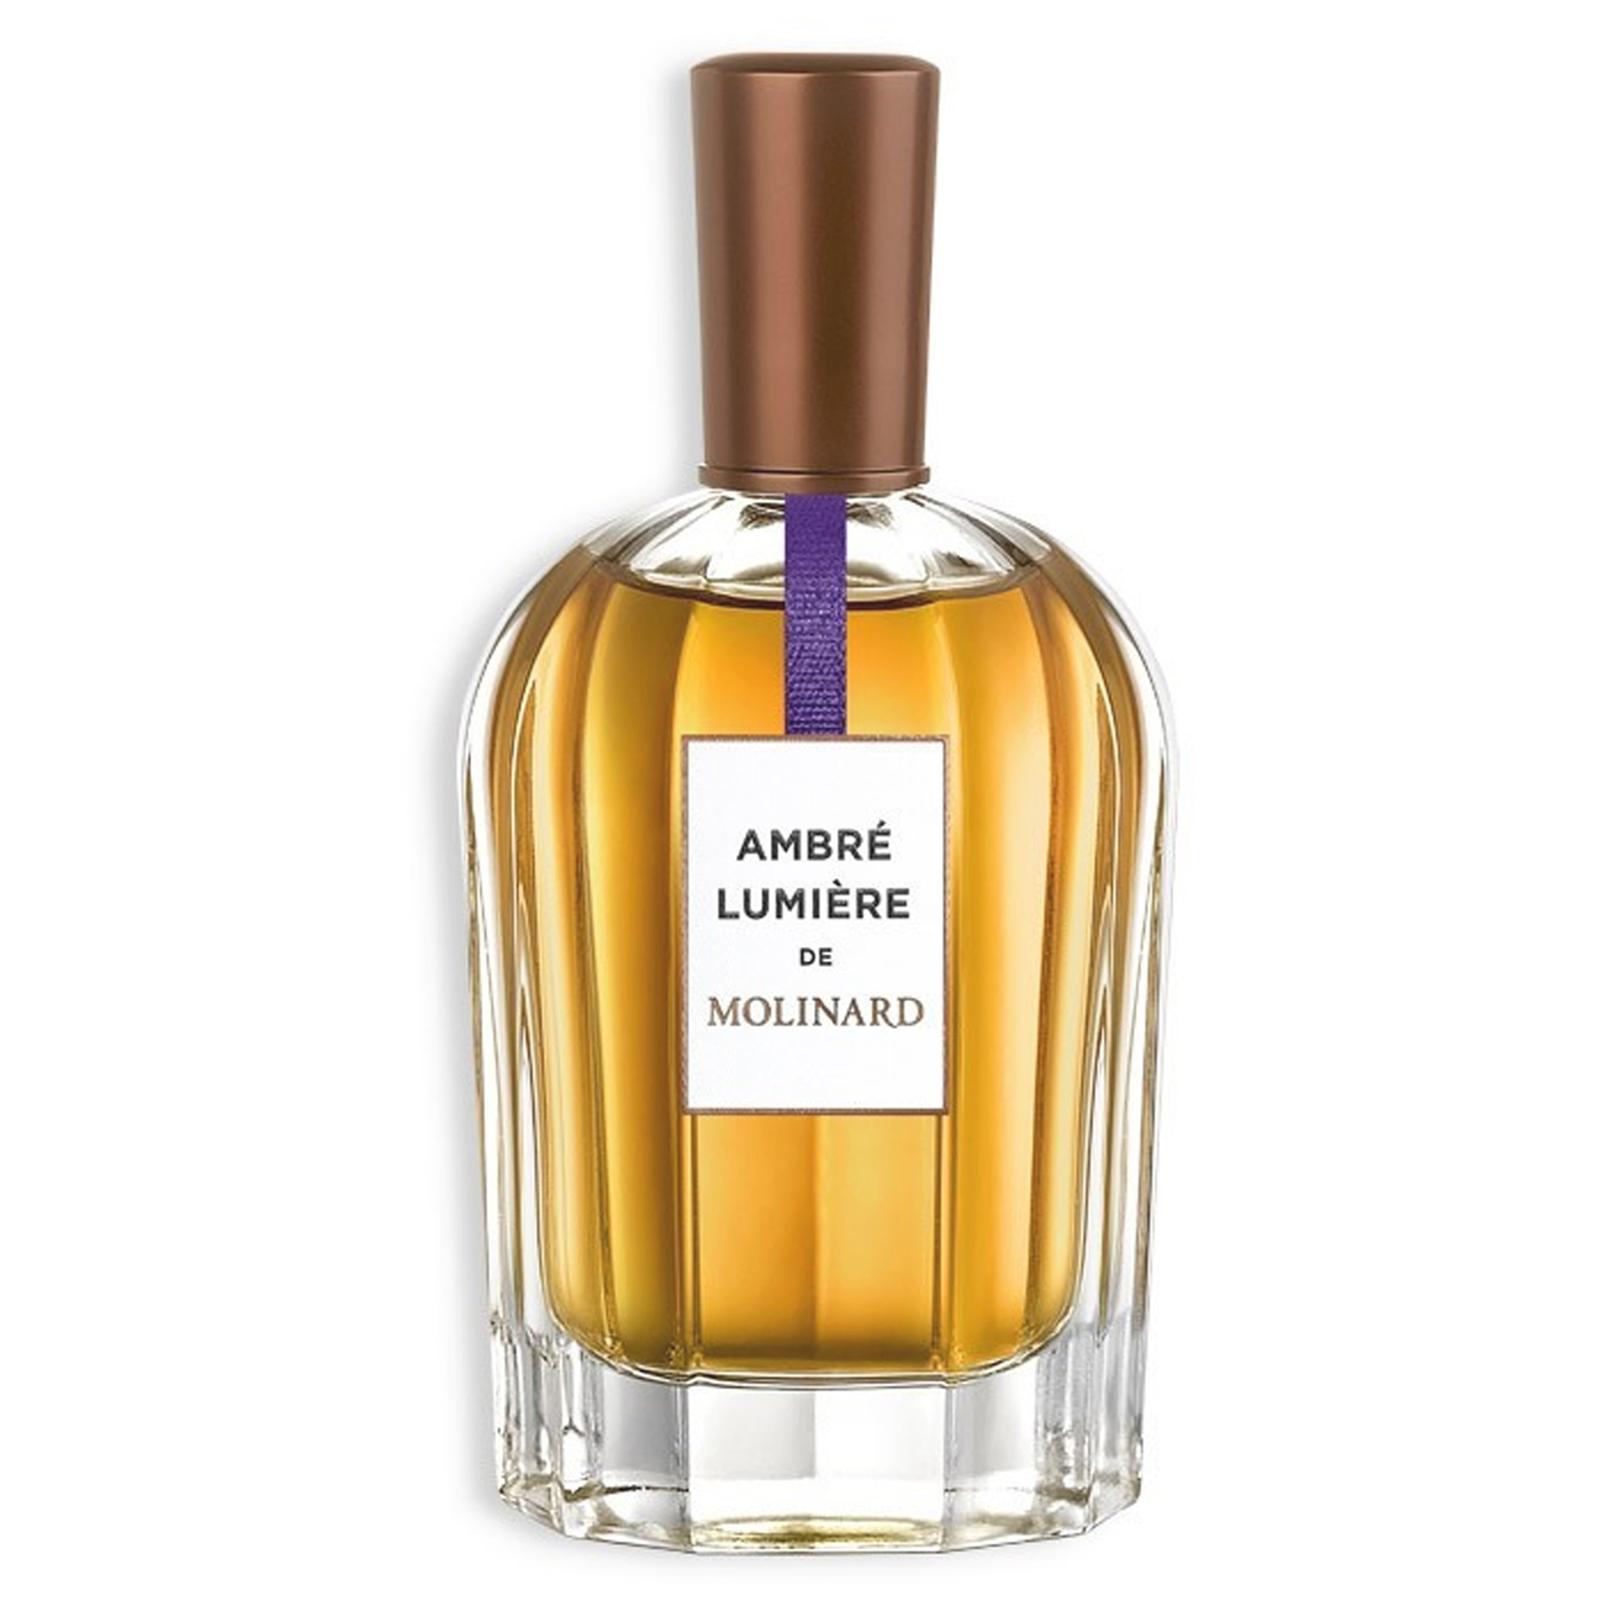 Ambré lumière profumo eau de parfum 90 ml